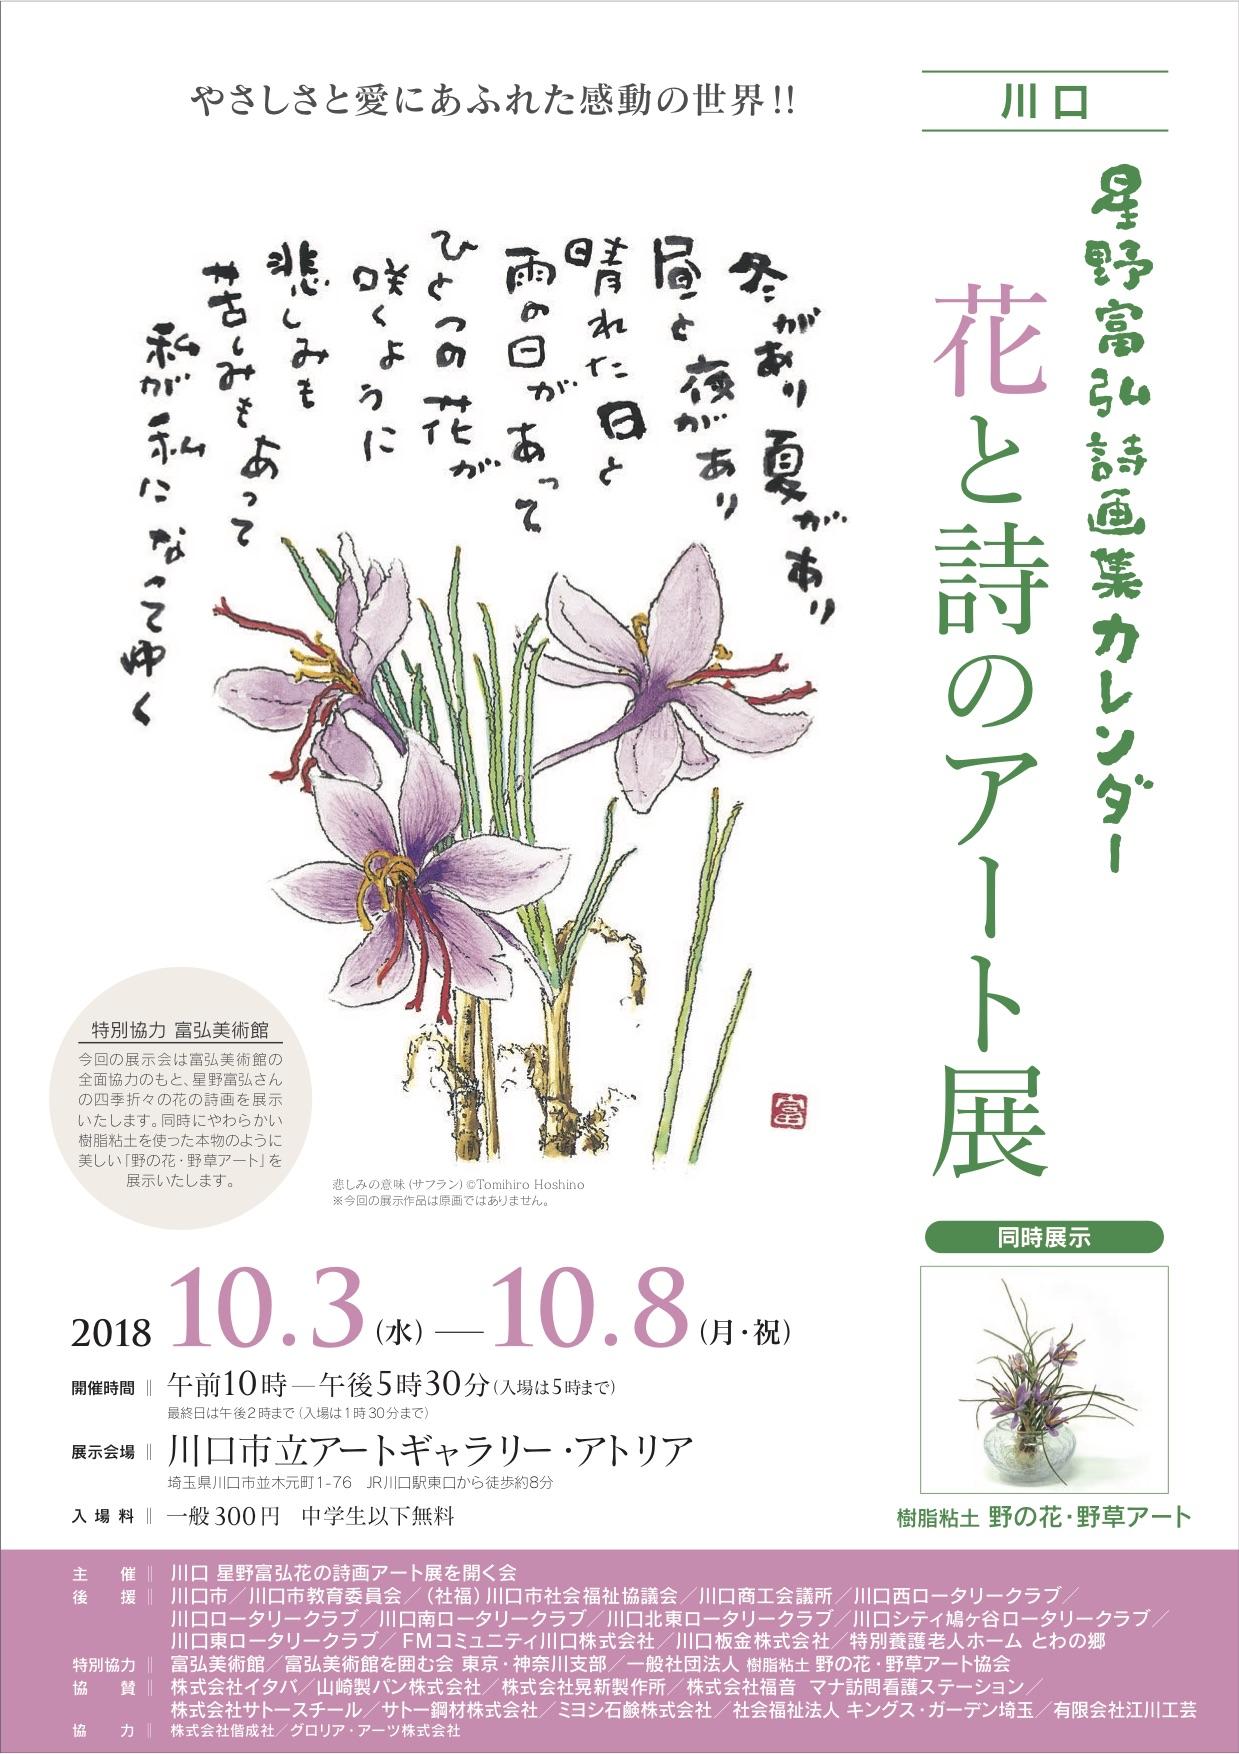 川口 星野富弘詩画集カレンダー 花と詩のアート展(同時開催:樹脂粘土 野の花・野草アート展)